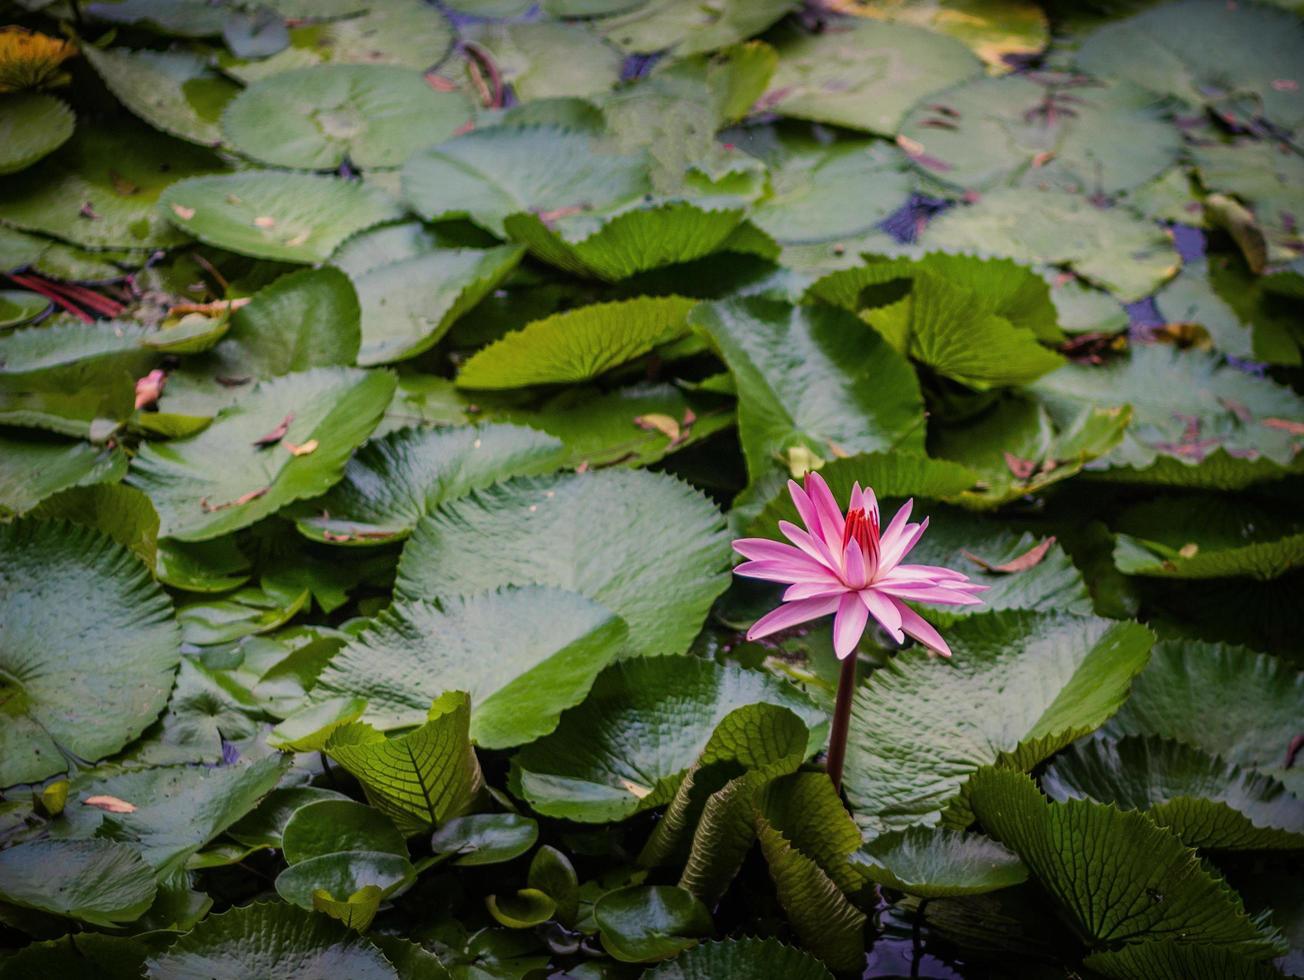 flor de lótus rosa durante o dia foto